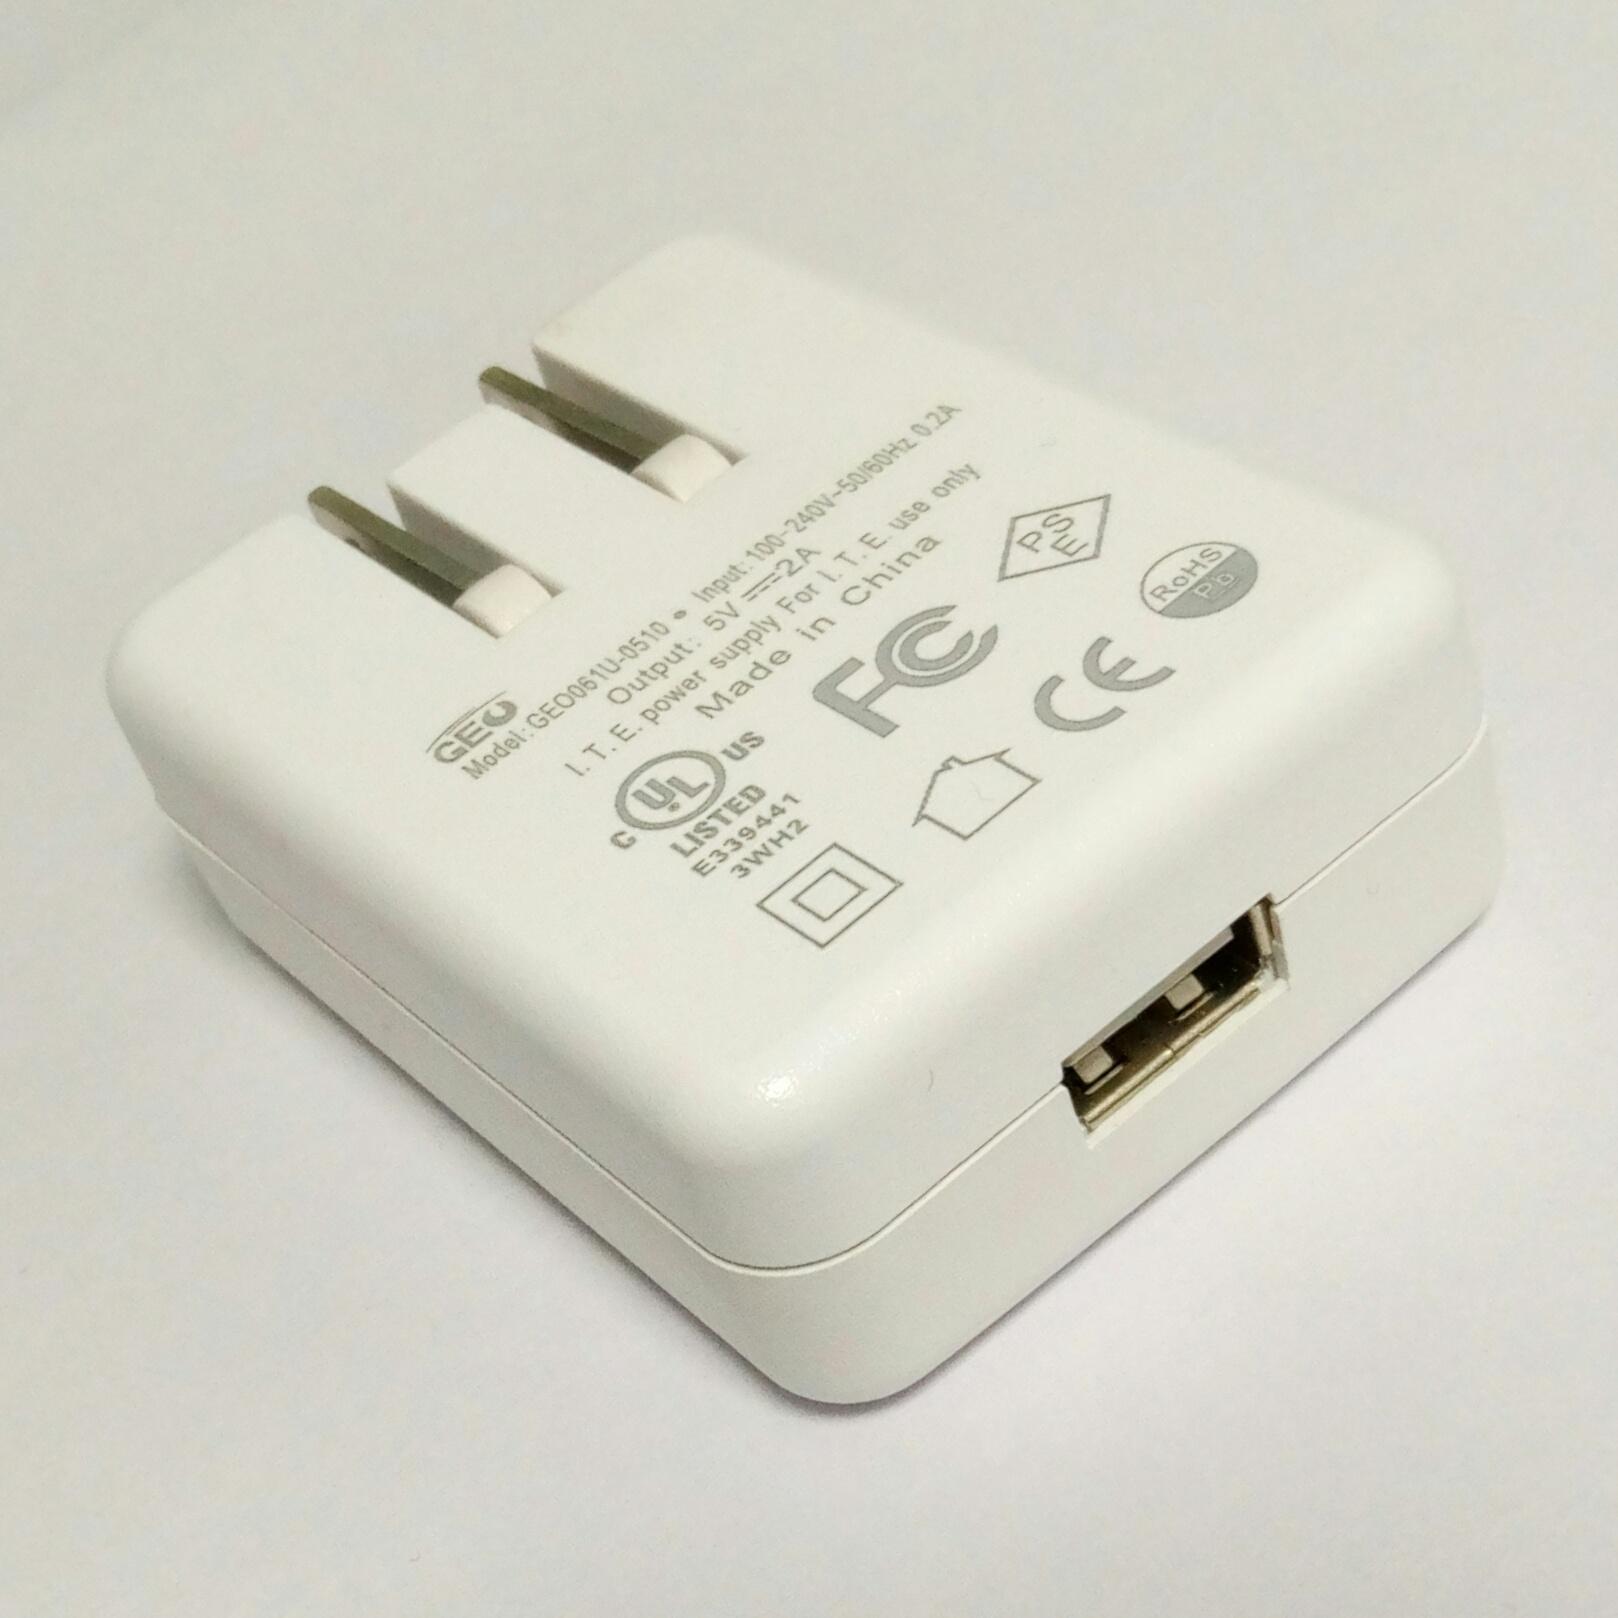 销售美规USB 5V0.5A电池充电器&适配器 14